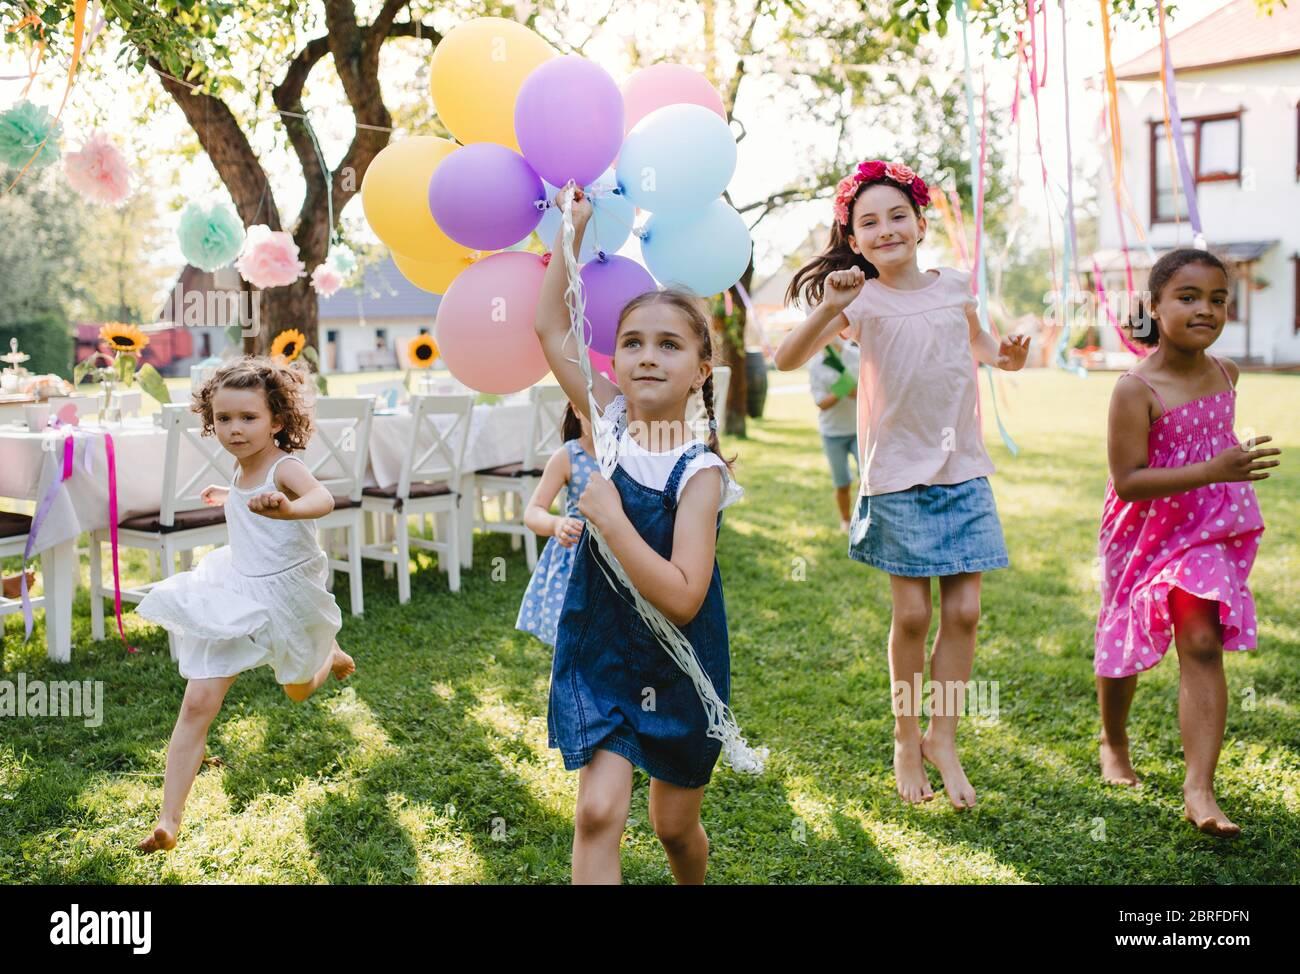 Kleine Kinder im Freien im Garten im Sommer, spielen mit Luftballons. Stockfoto